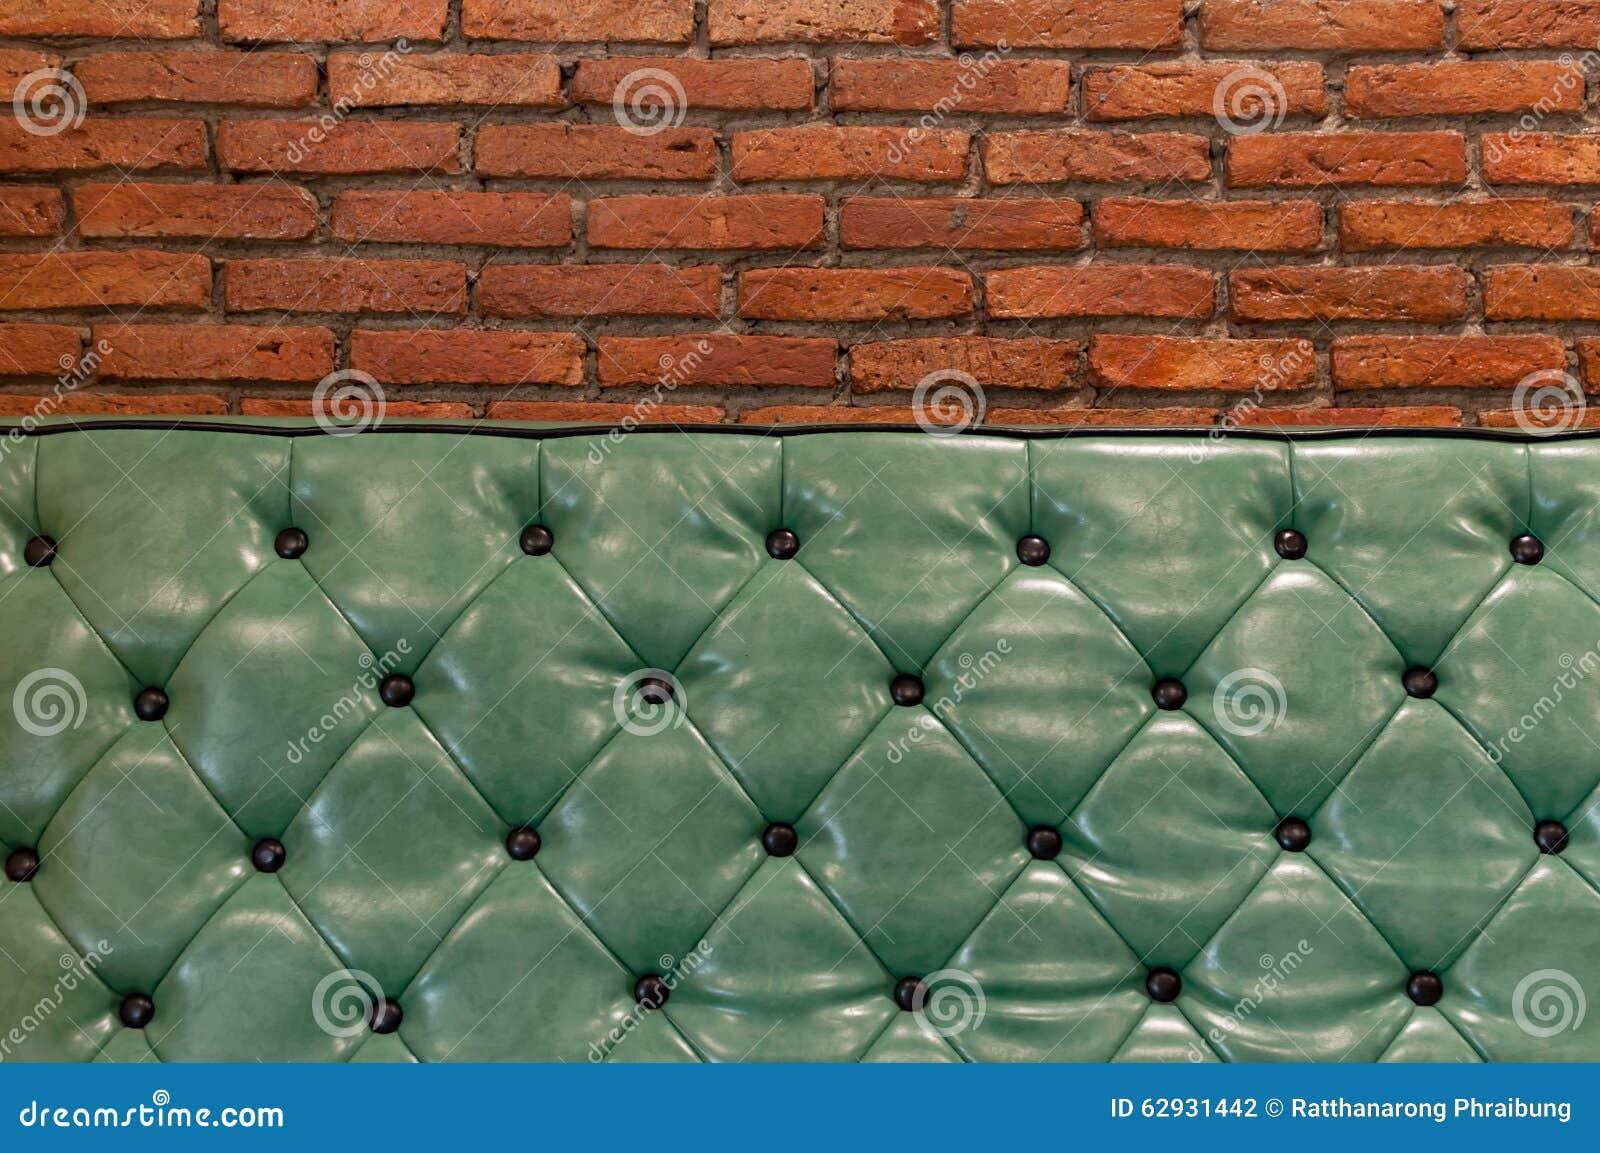 Groene retro laag in een woonkamer met erachter bakstenen muur ...